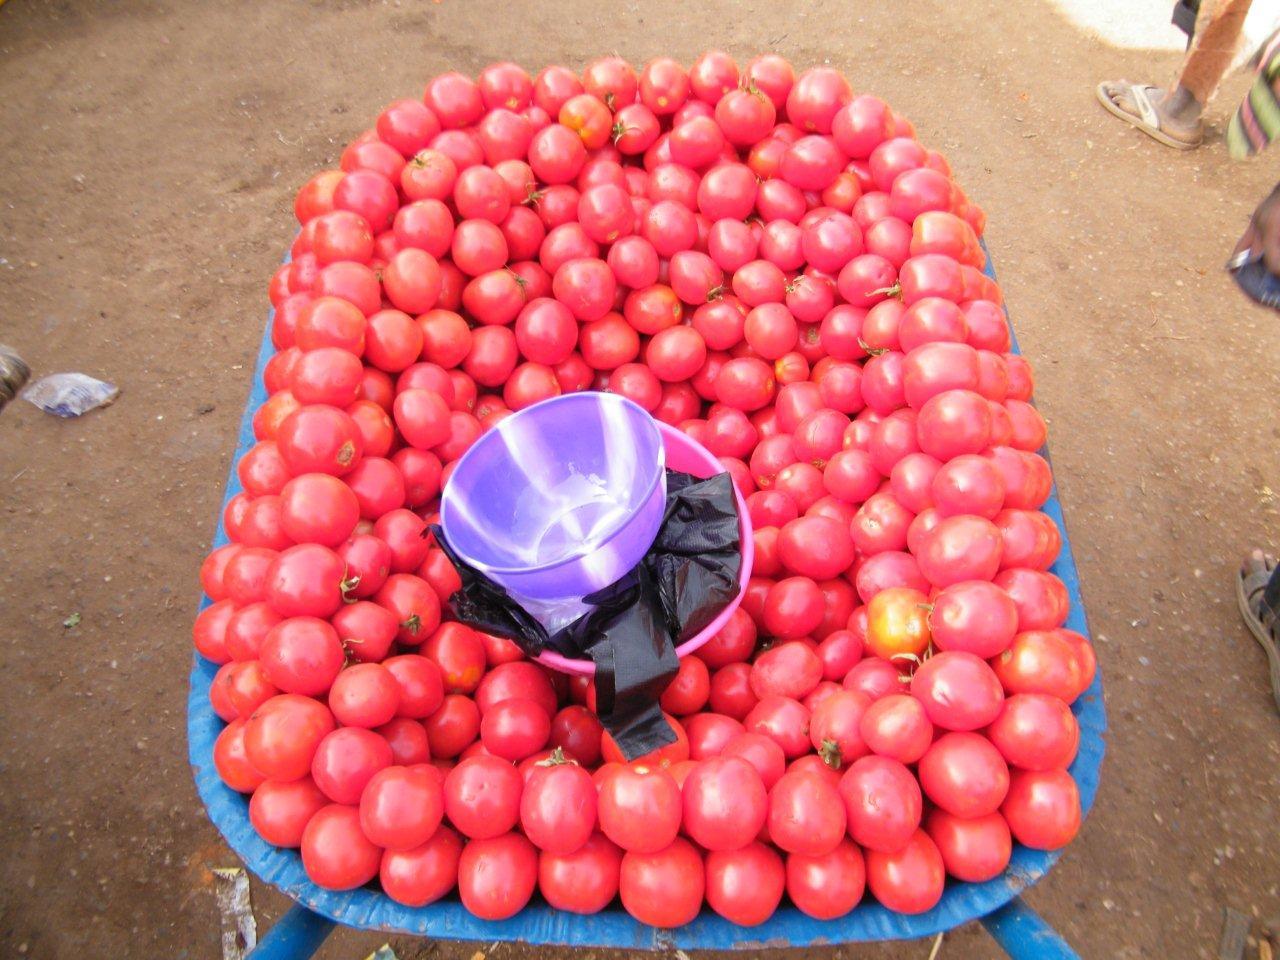 23 septembre 2014 (Paris) : Développement agricole en Afrique et en Asie : faut-il continuer de privilégier les petites exploitations ? (Fondation FARM)